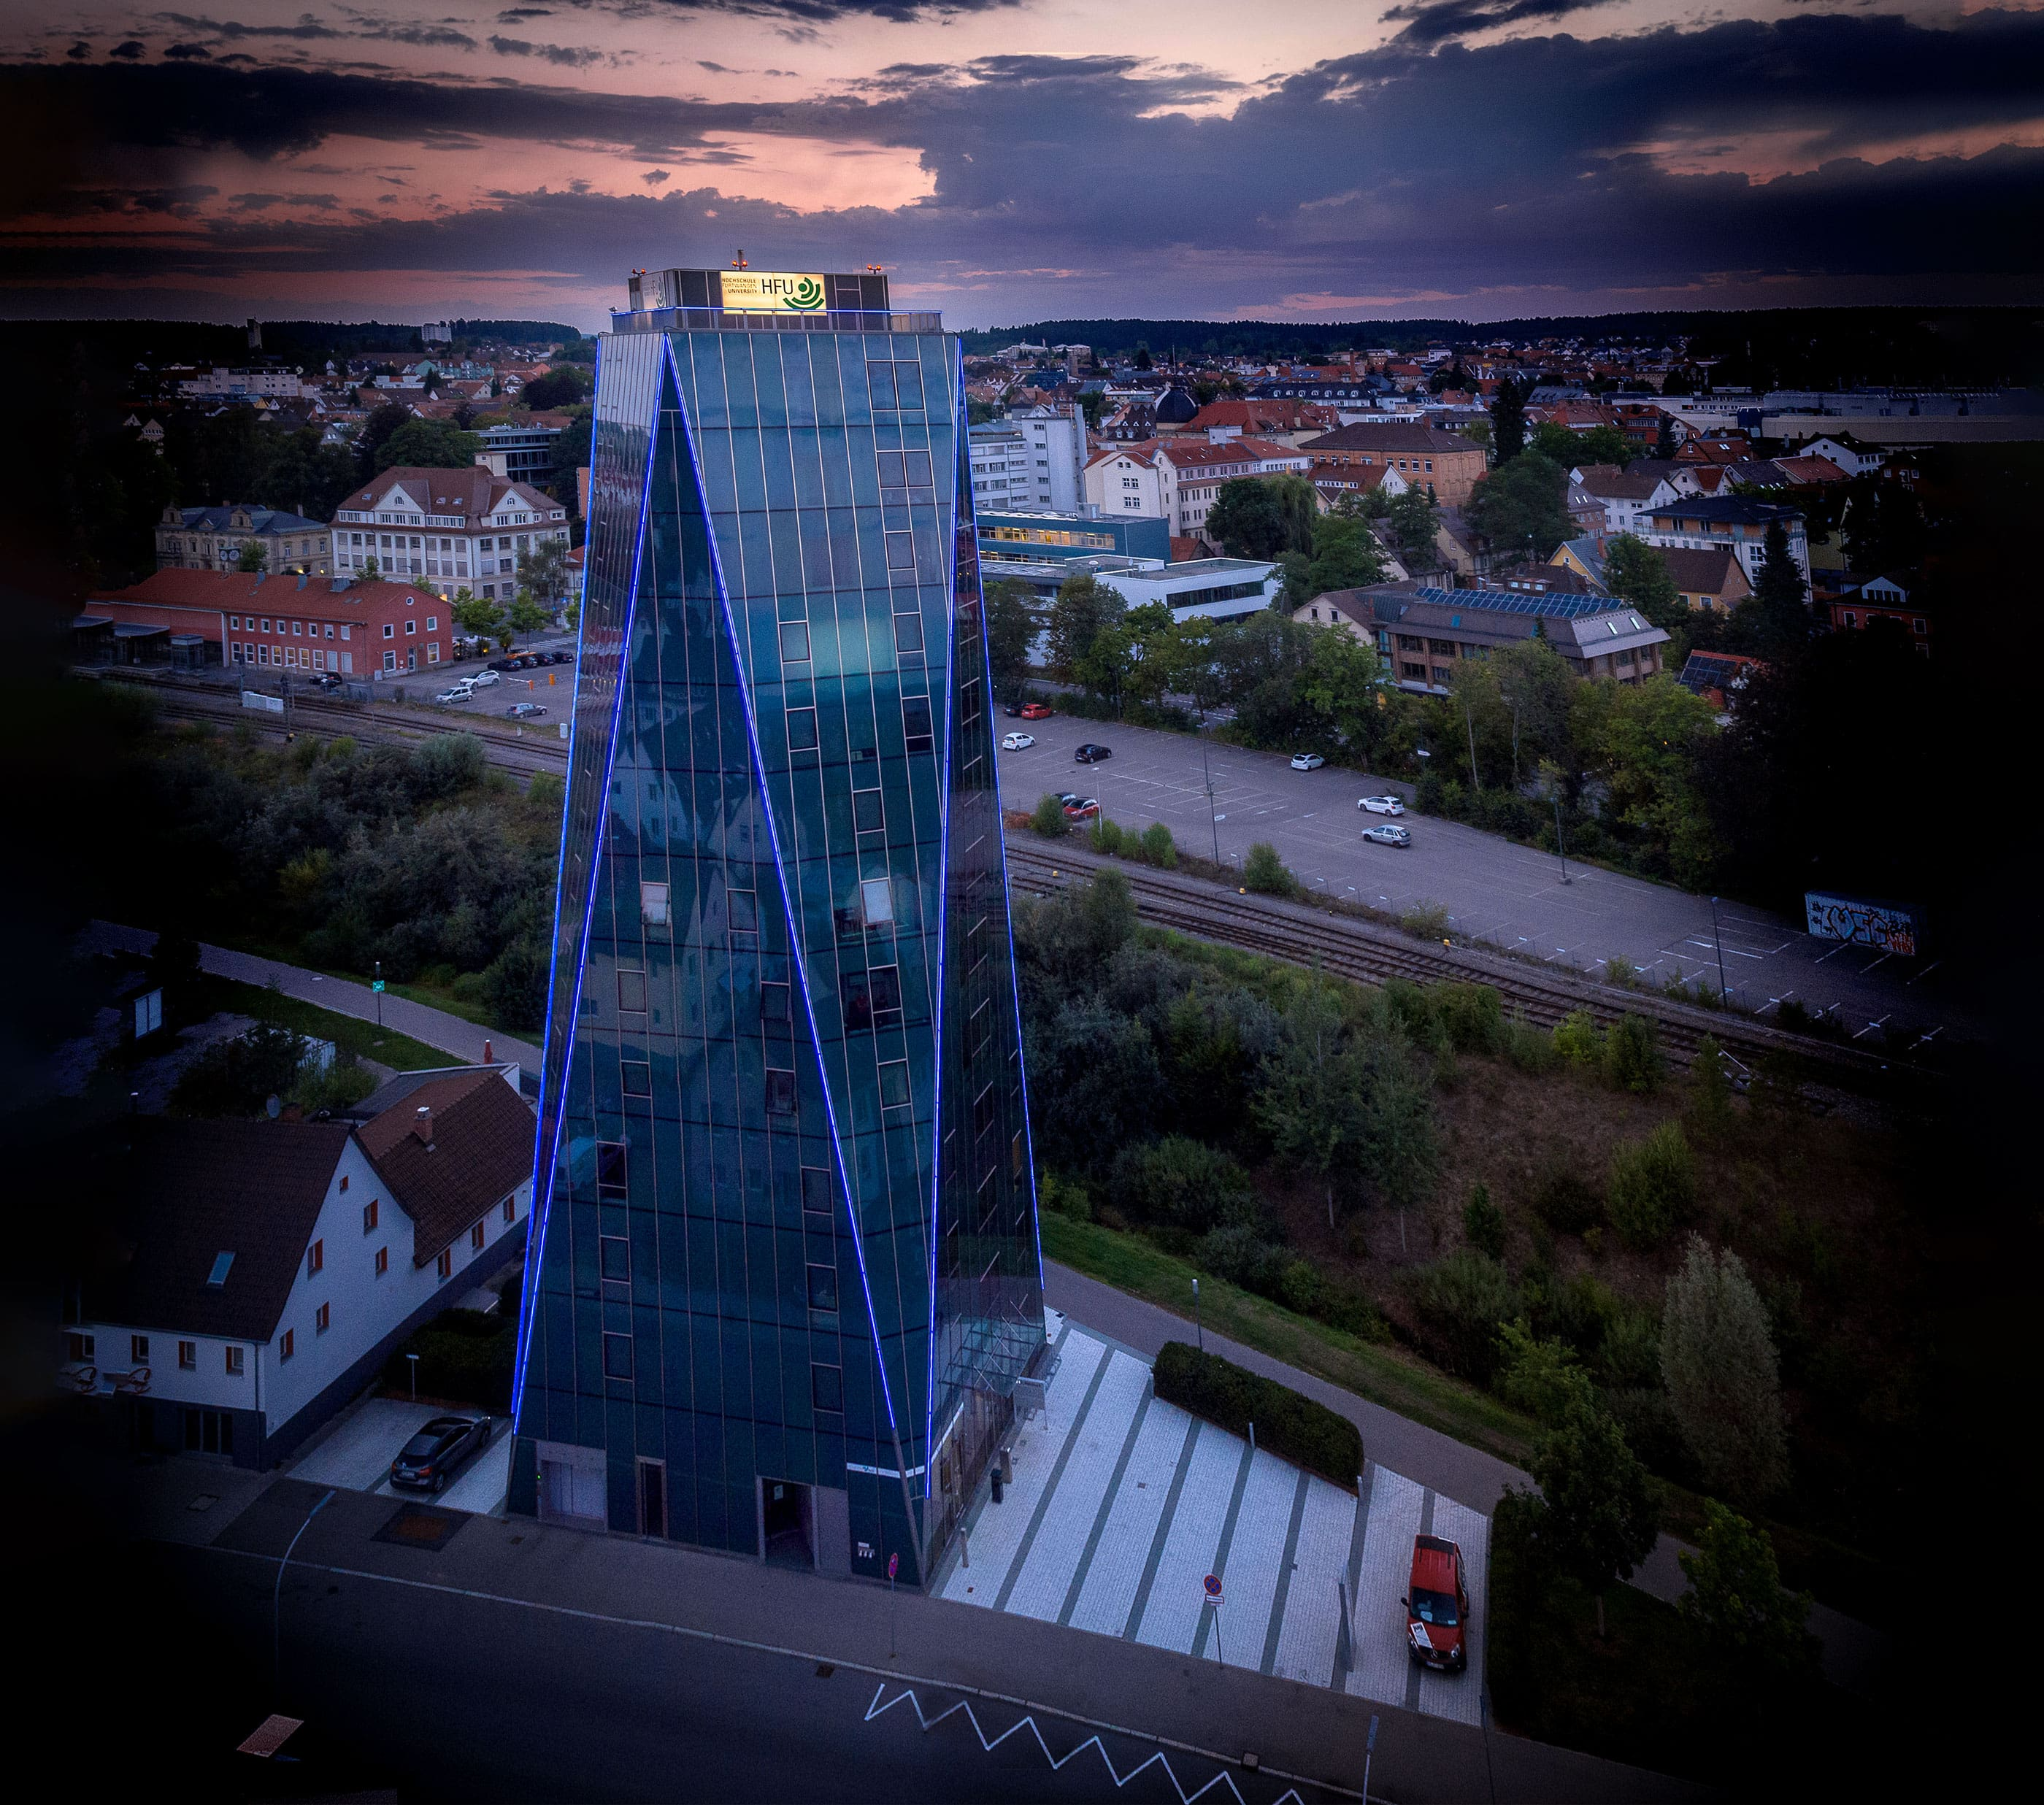 Neckartower Beleuchtung